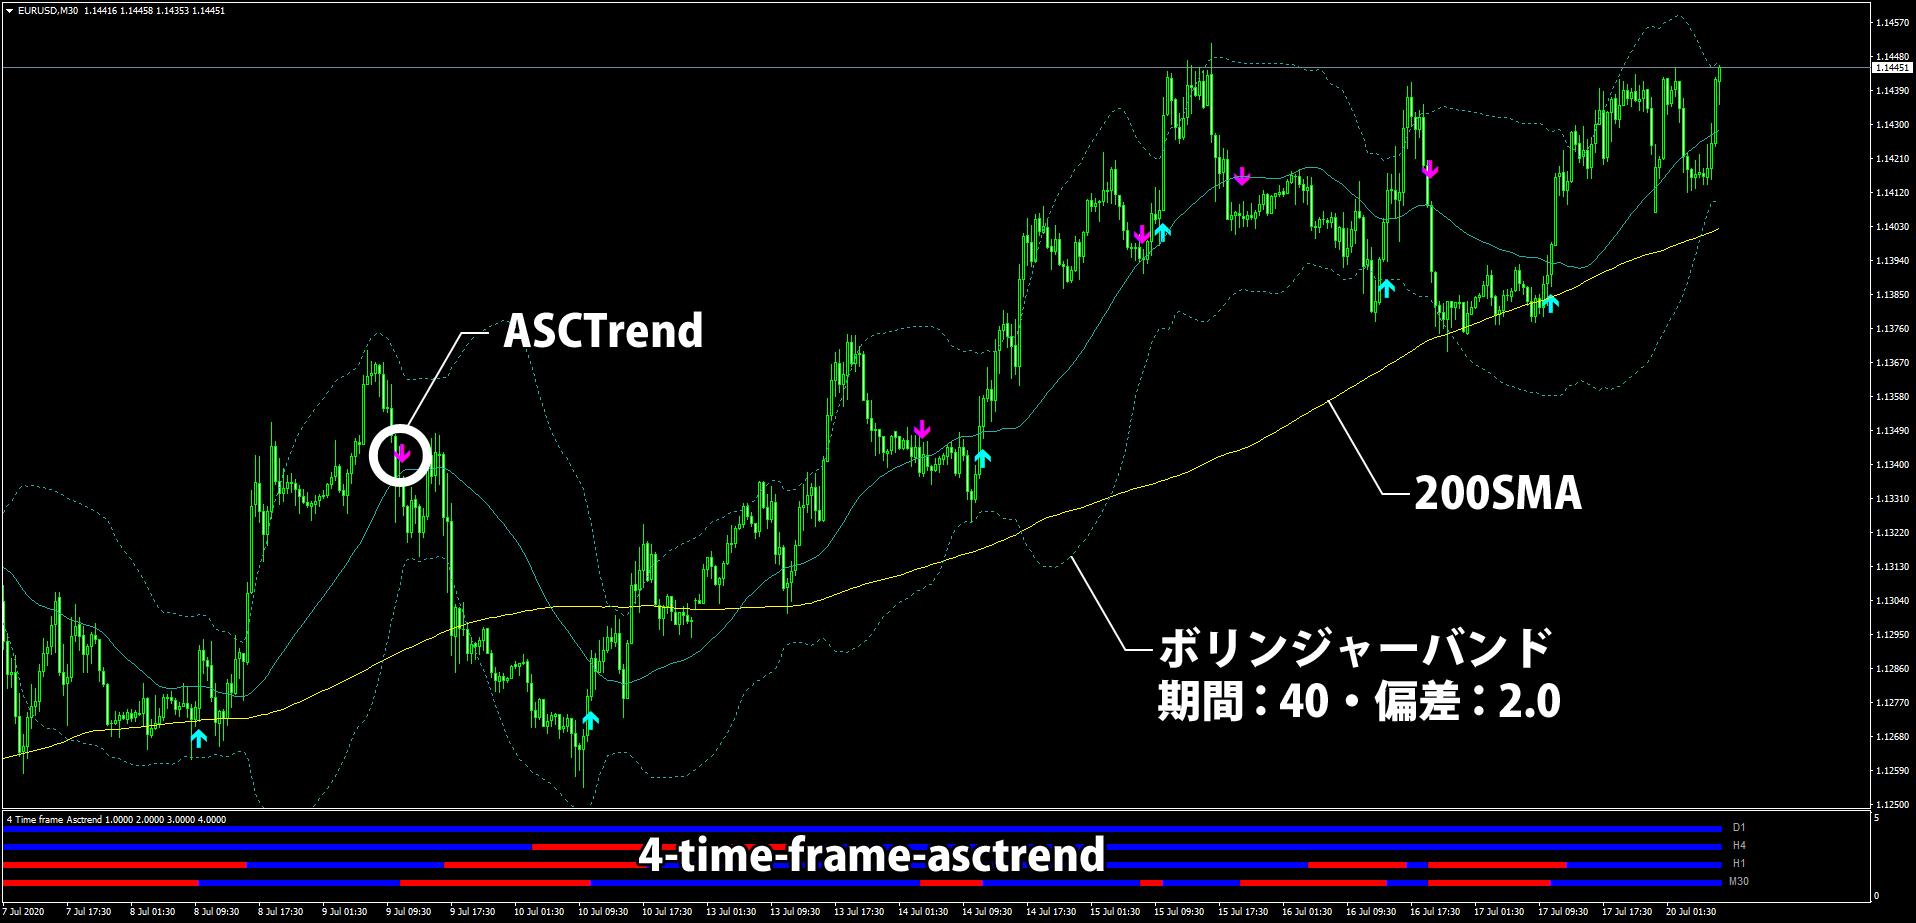 ASC Trendを使うトレンドフォロー手法のチャート